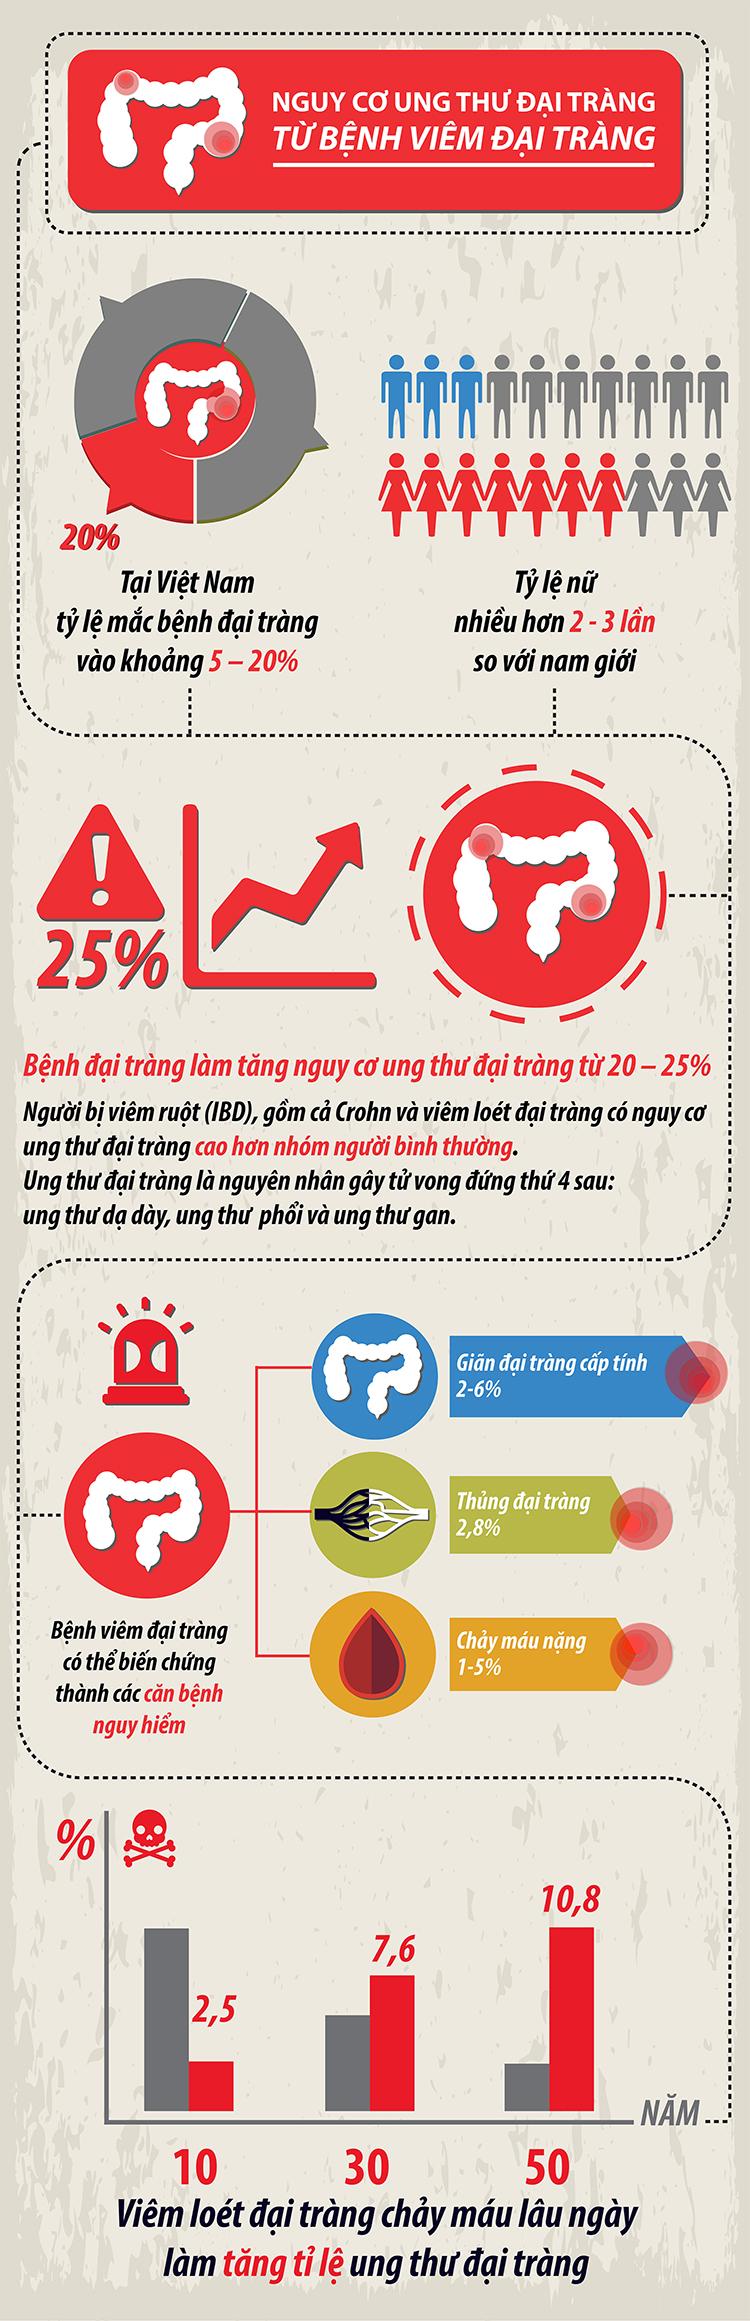 Infographic TVK V2 11 Hoang mang trước nguy cơ ung thư đại tràng của 13 triệu dân Việt Nam